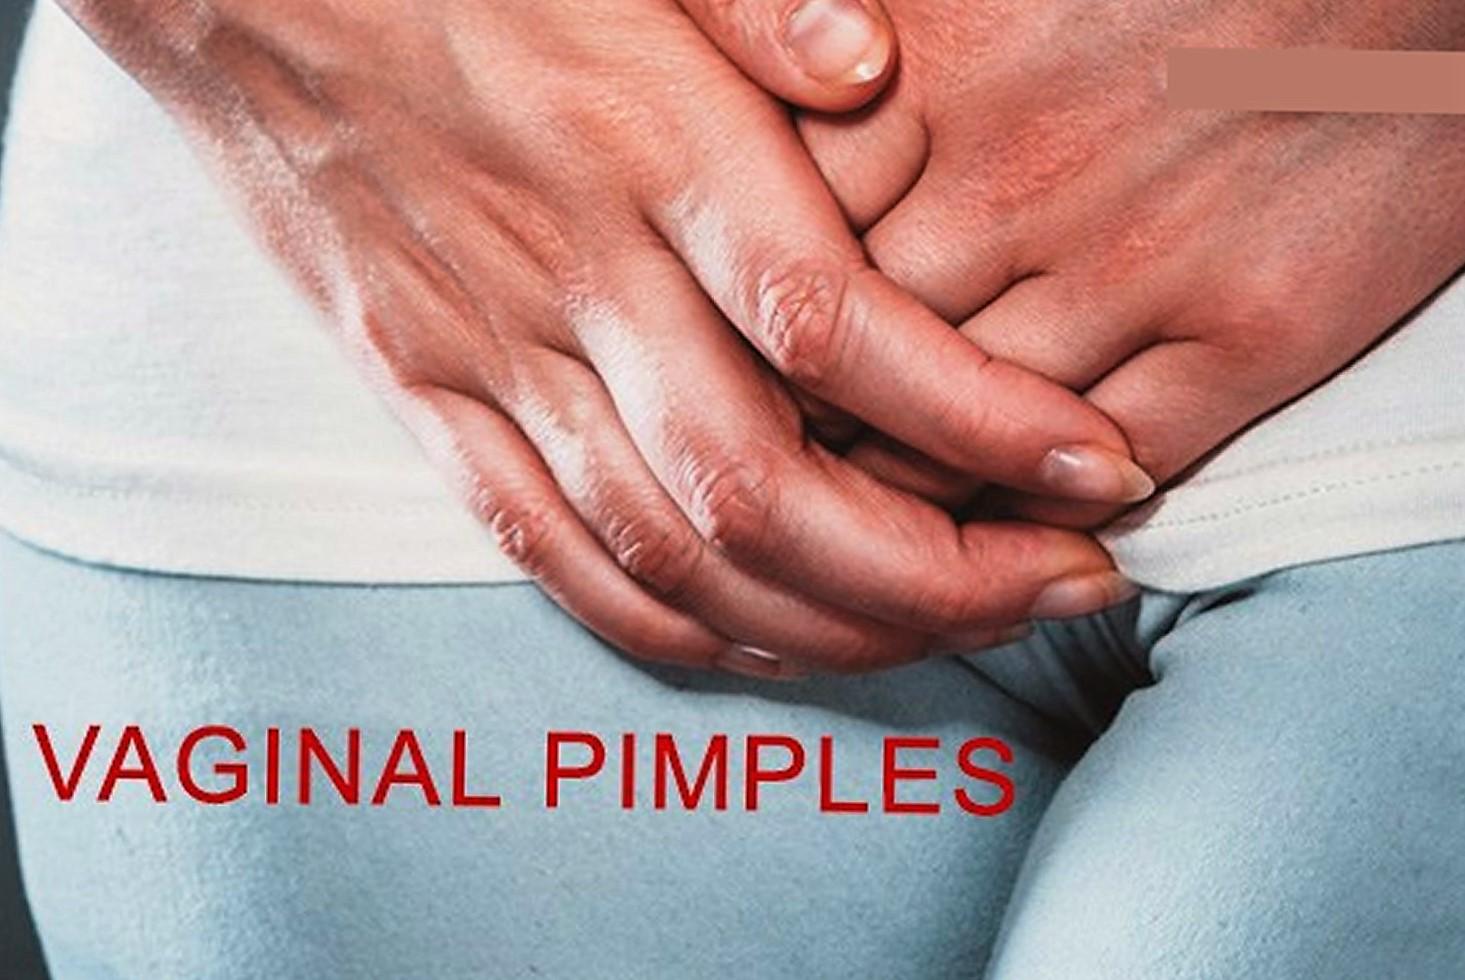 vaginal pimples